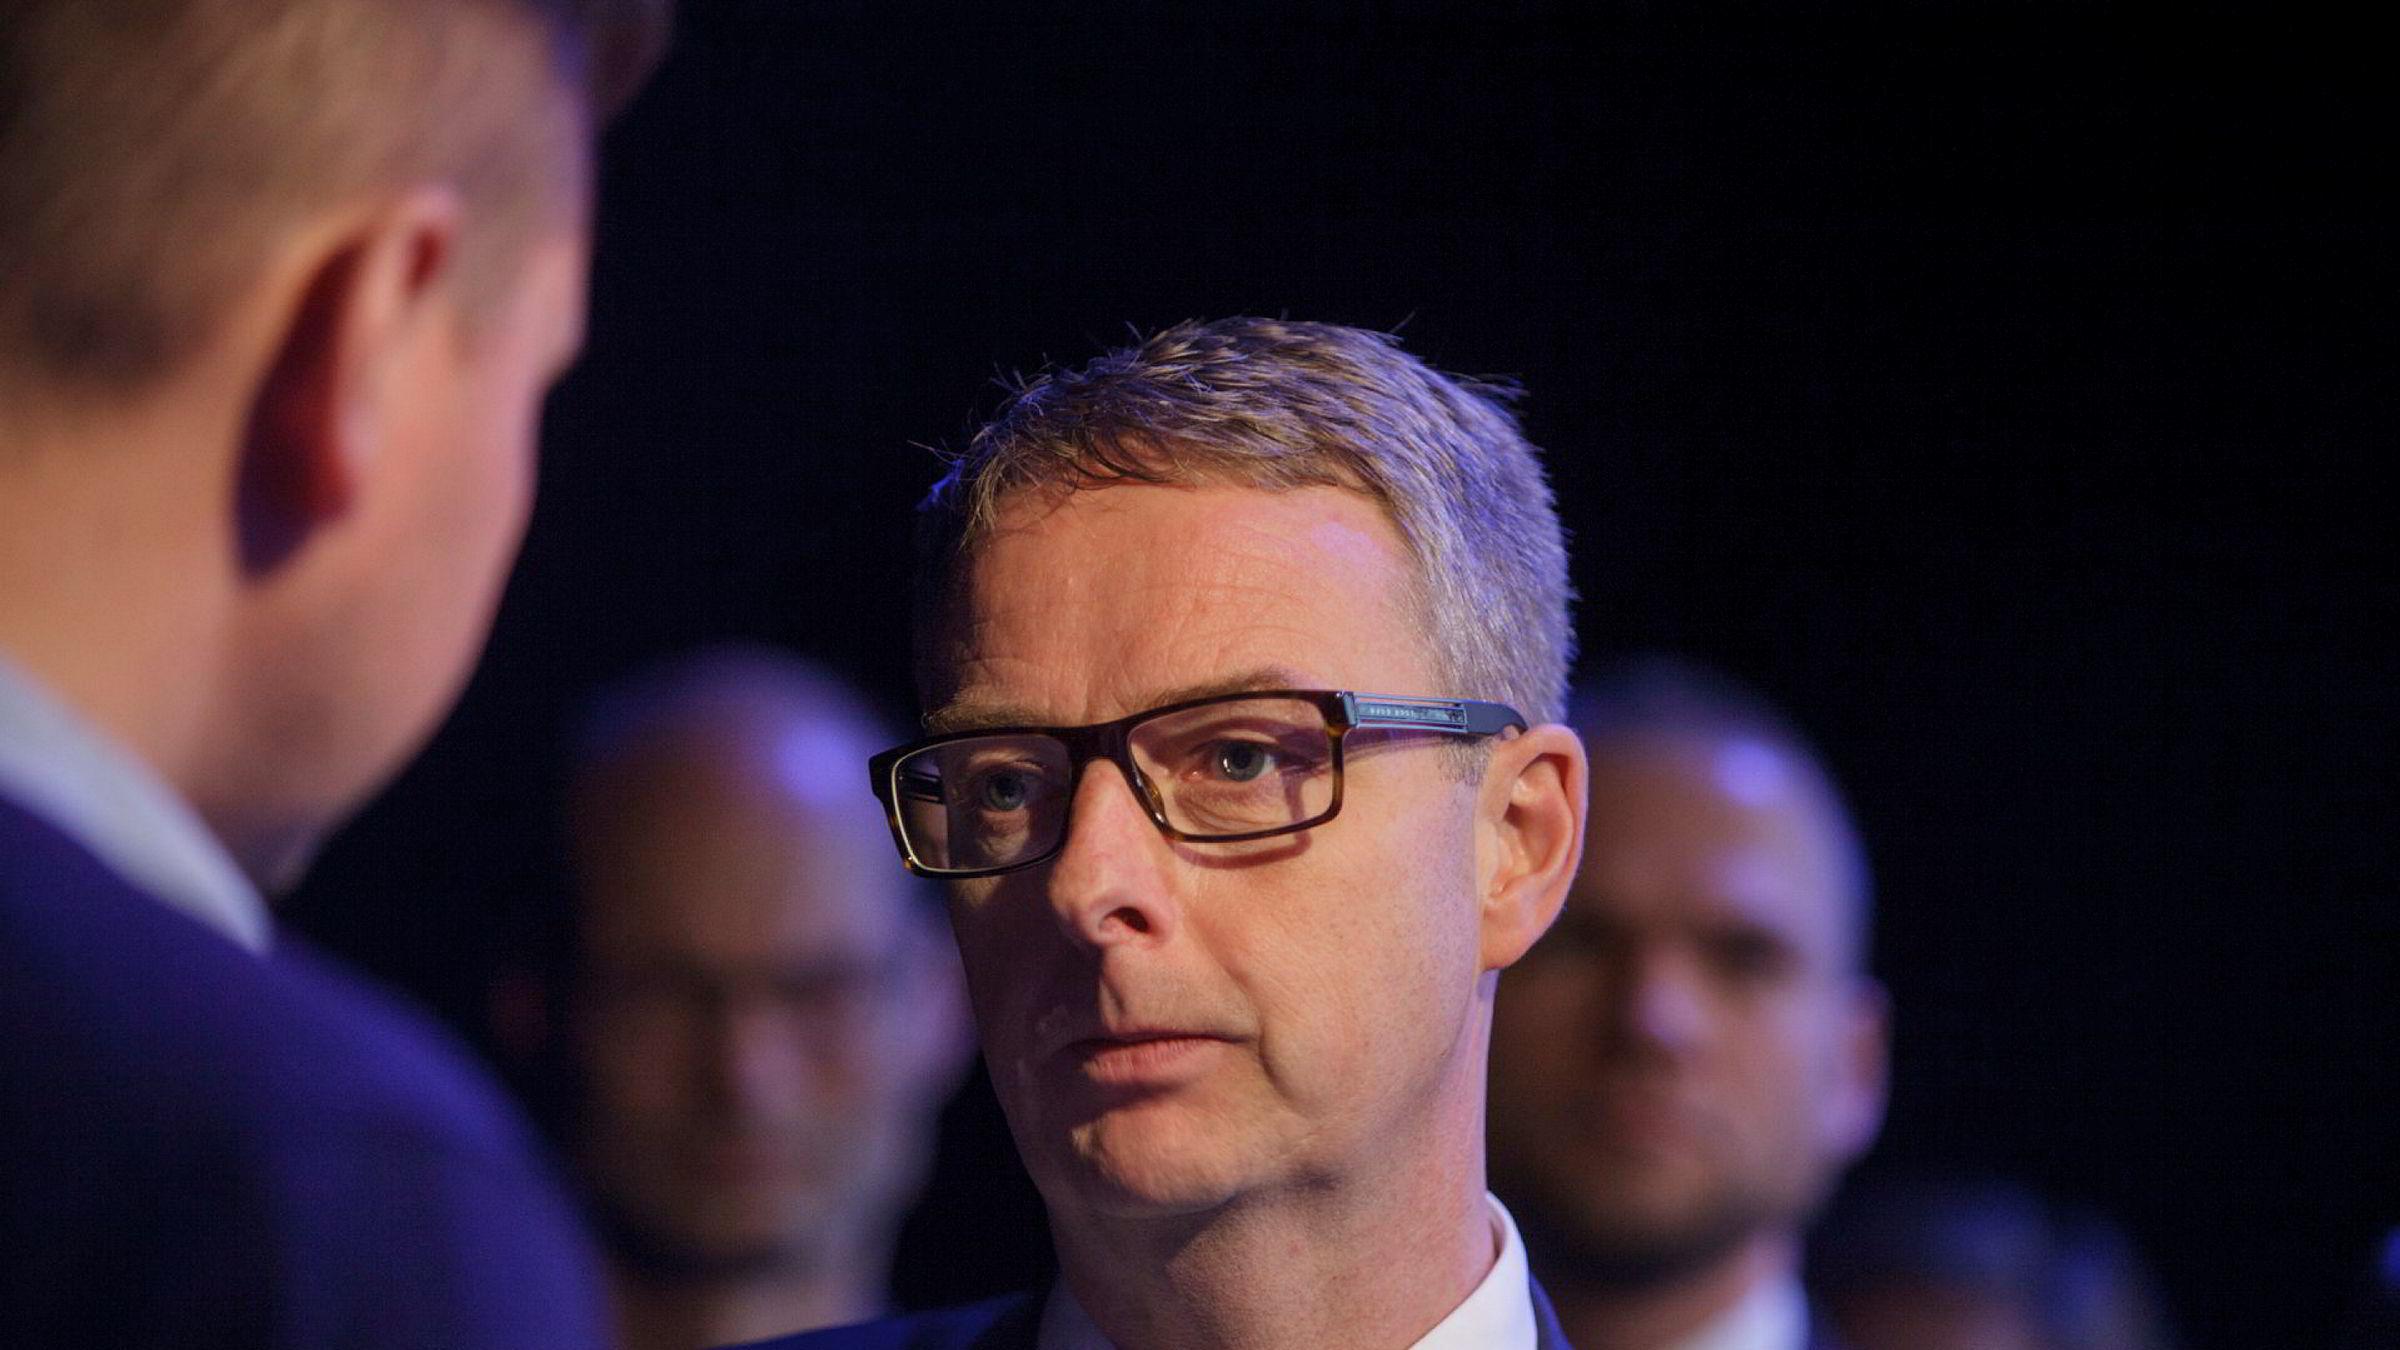 Olje og energiminister Terje Søviknes.